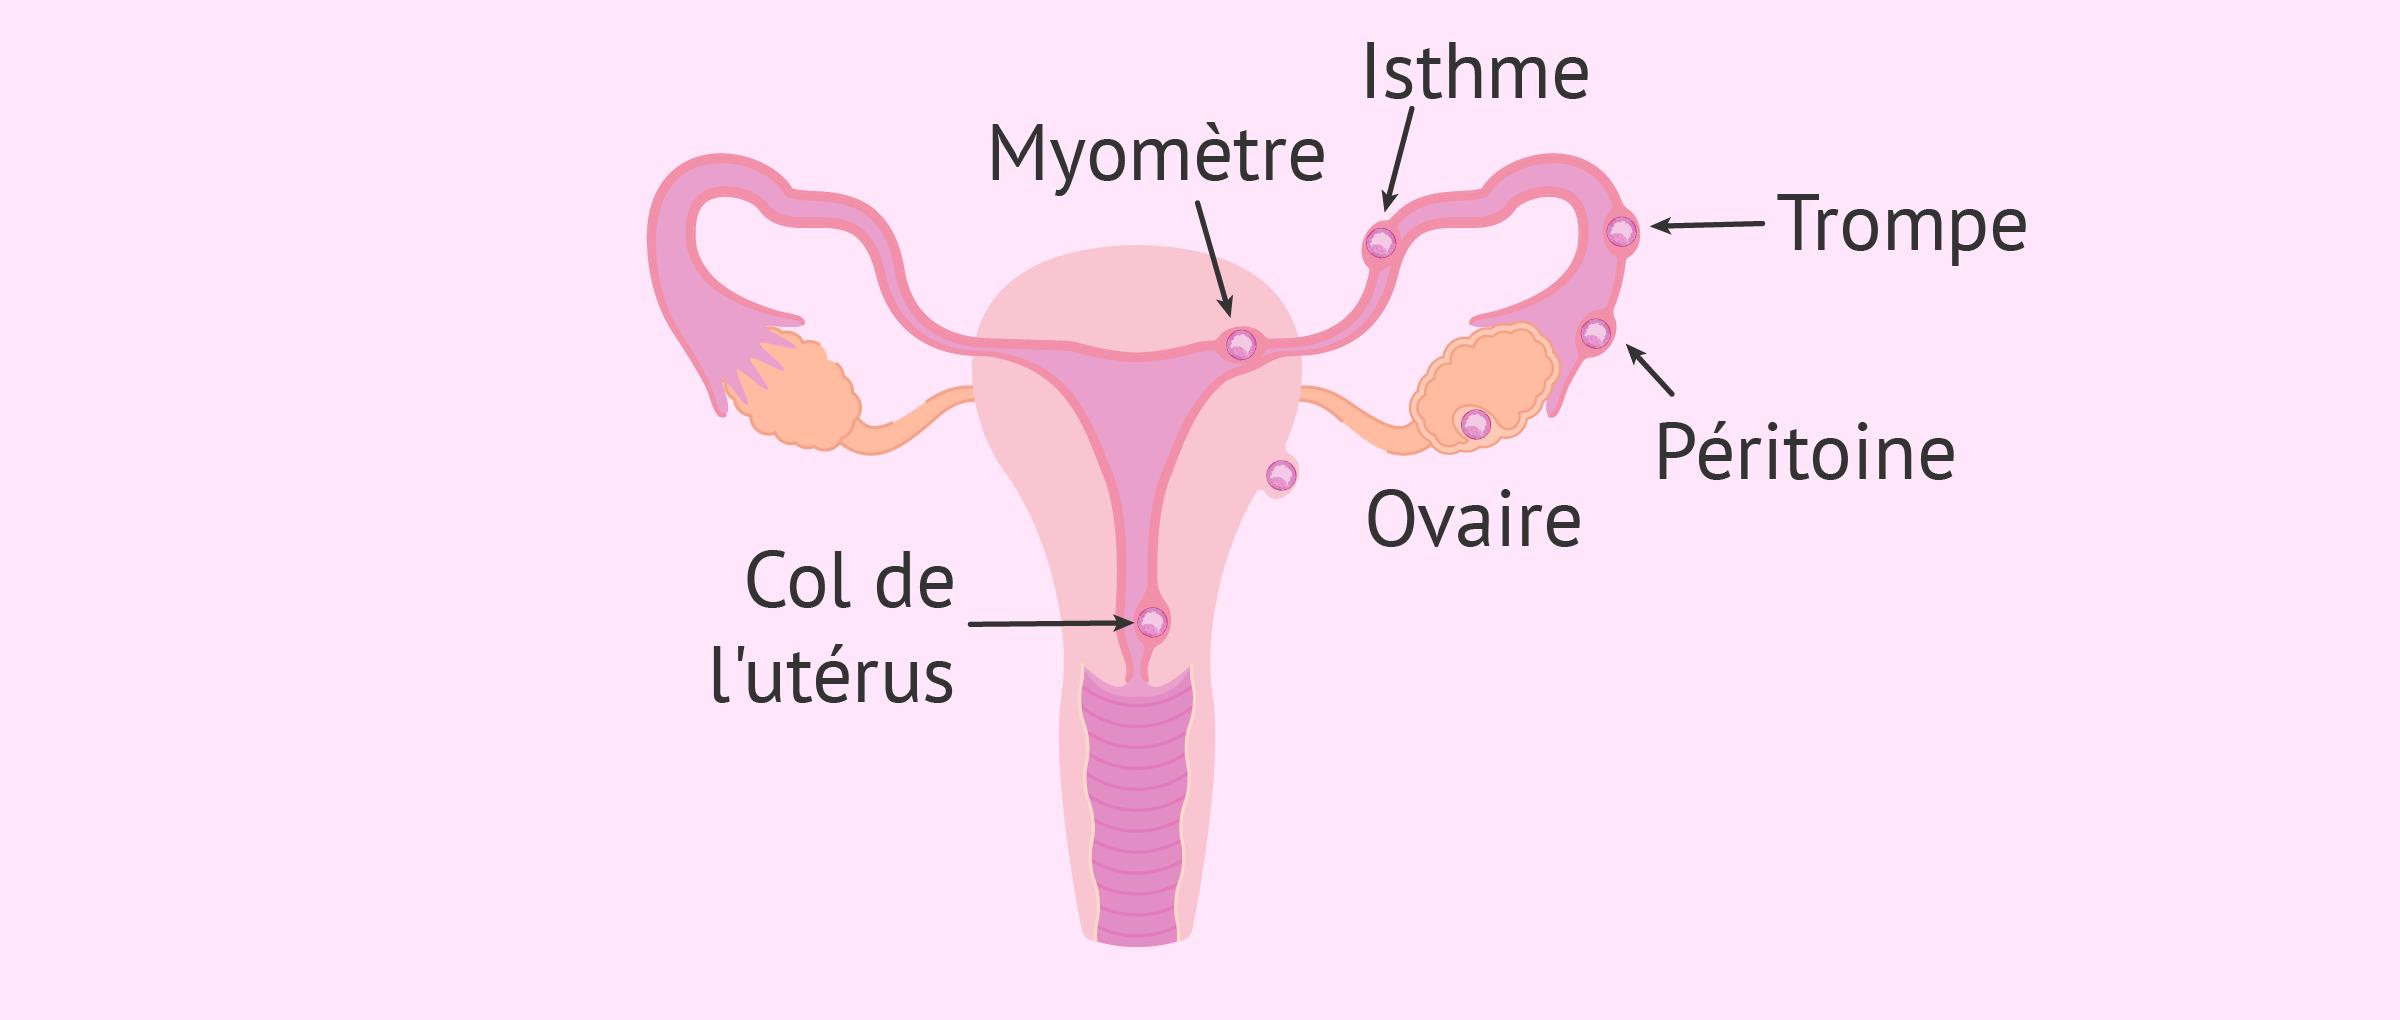 Lieux d'implantation d'embryons dans une grossesse extra-utérine